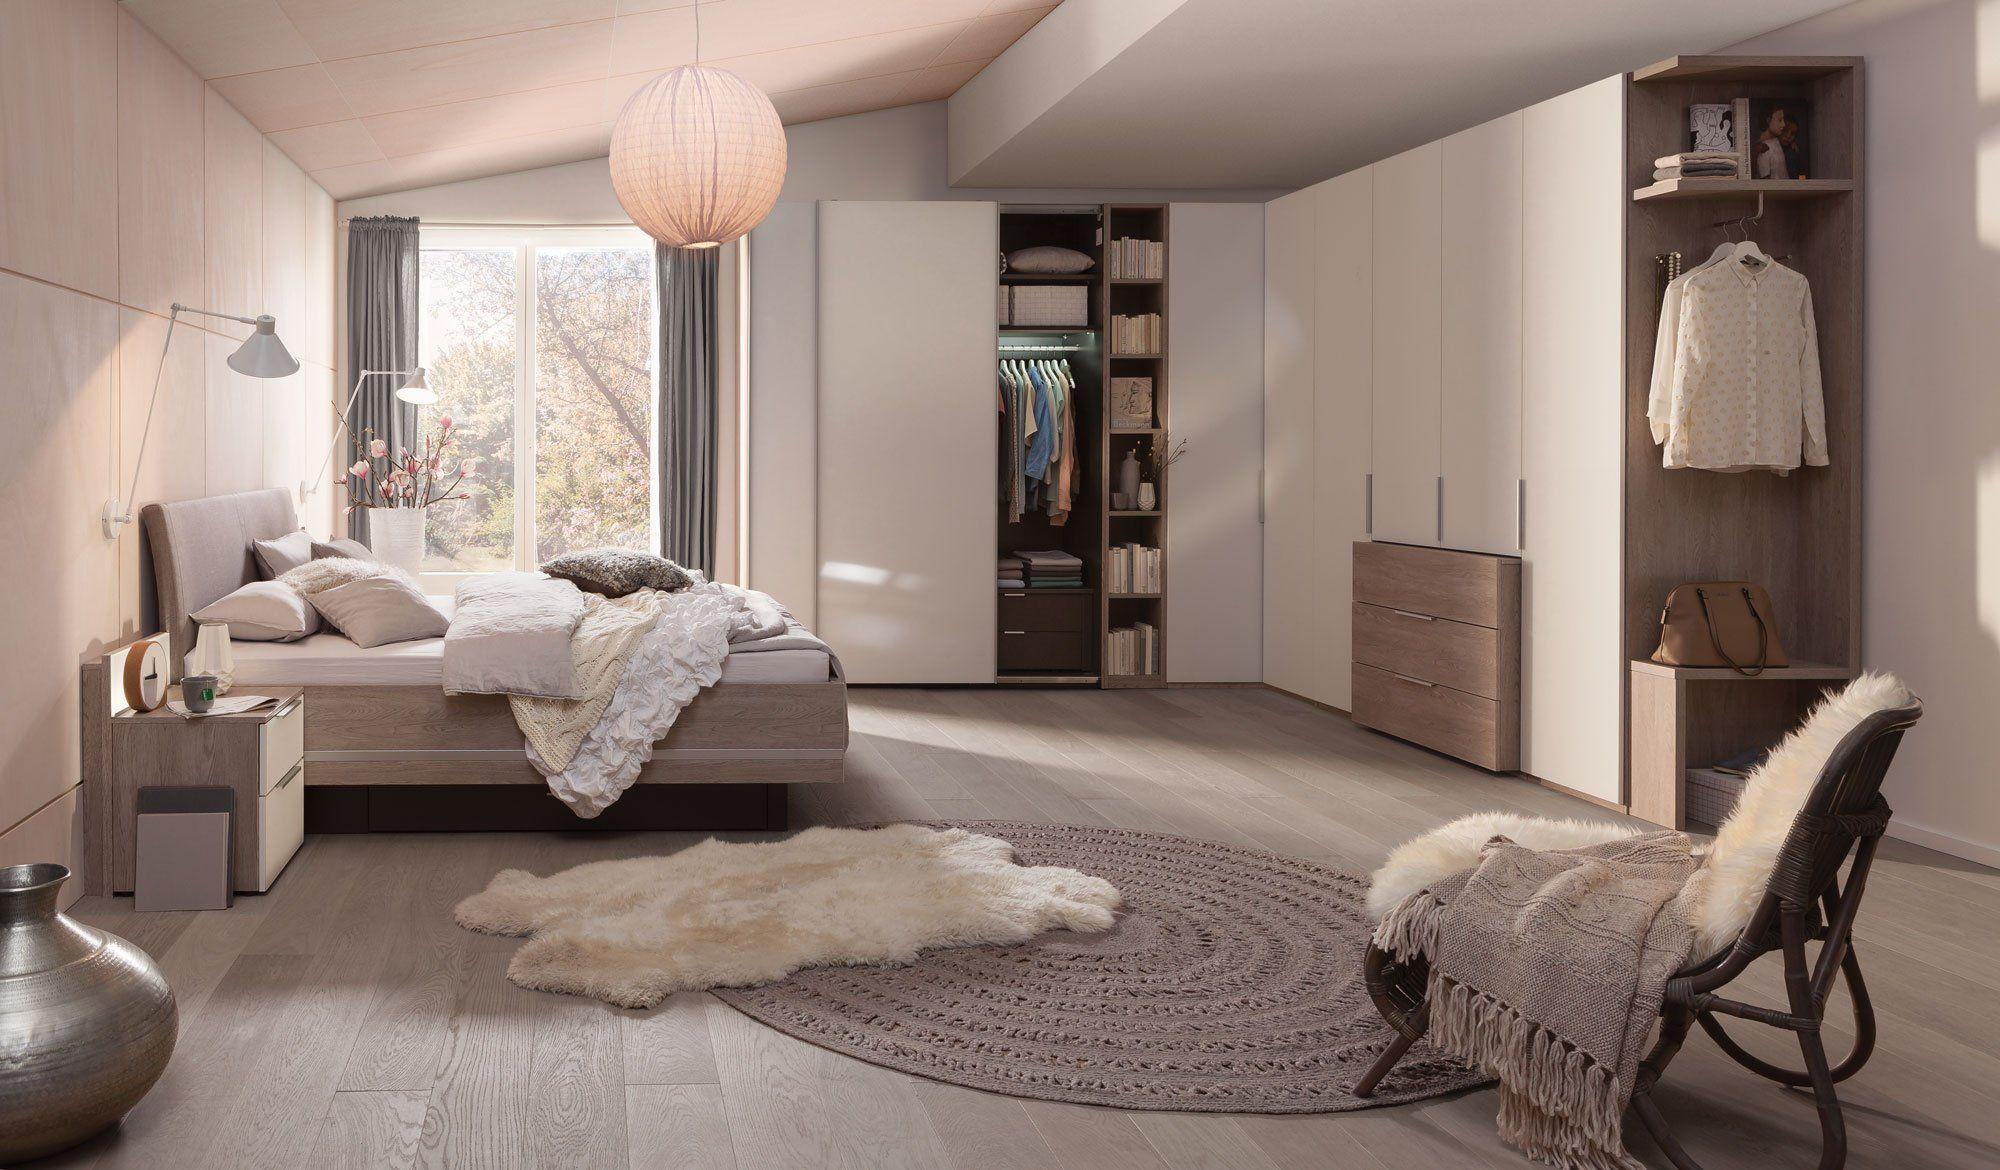 Sortiment Schlafzimmer Bett Schrank Dekoration